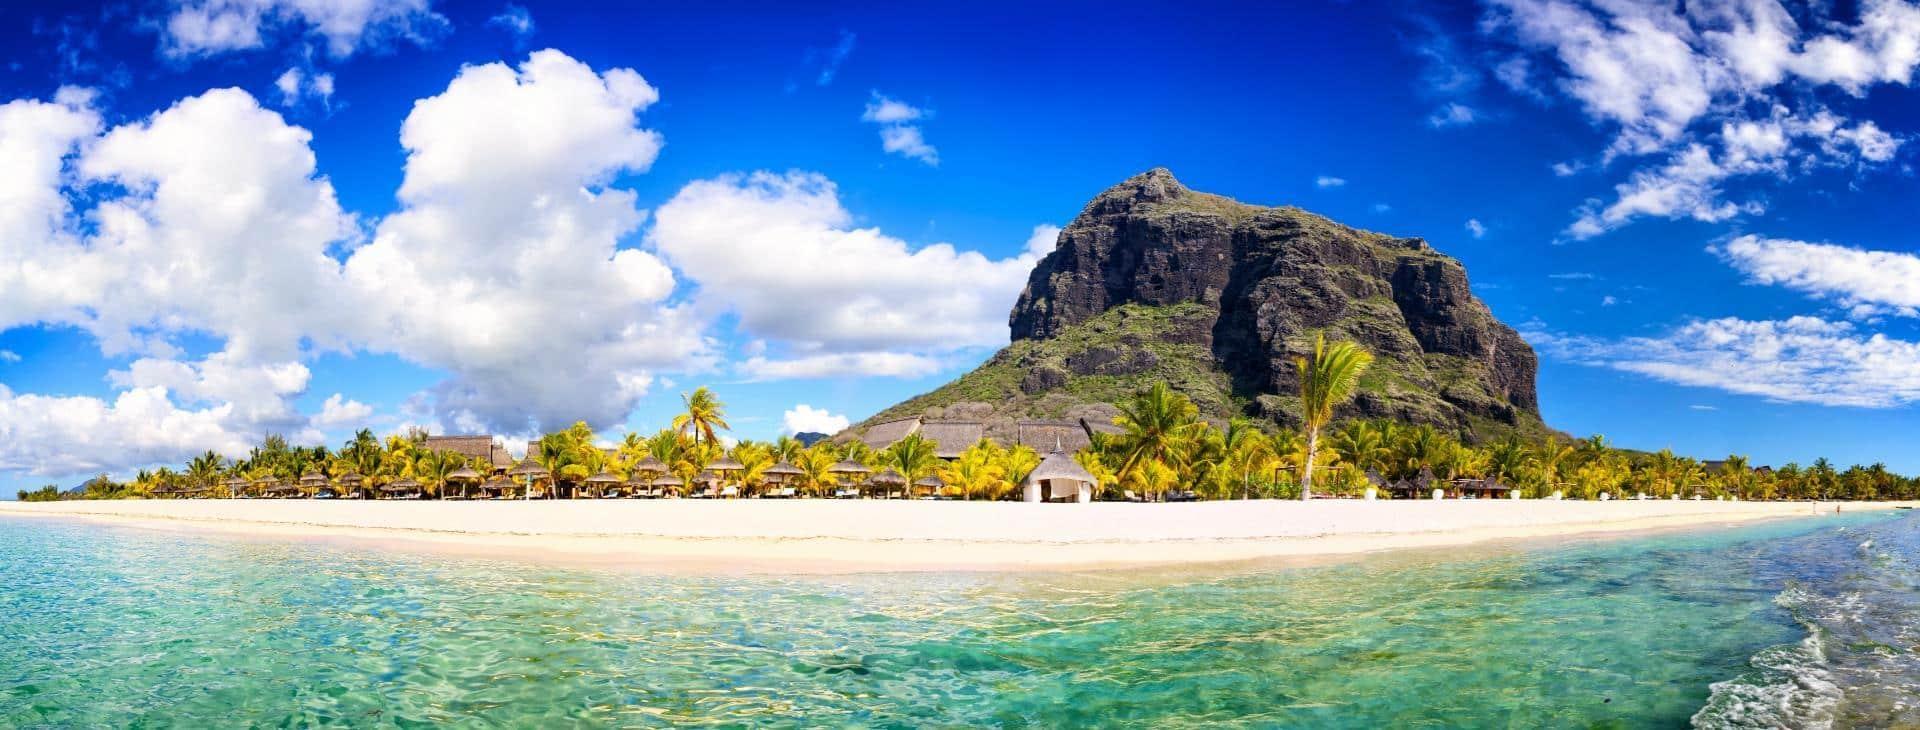 Quel est le plus bel hôtel de l'île Maurice?